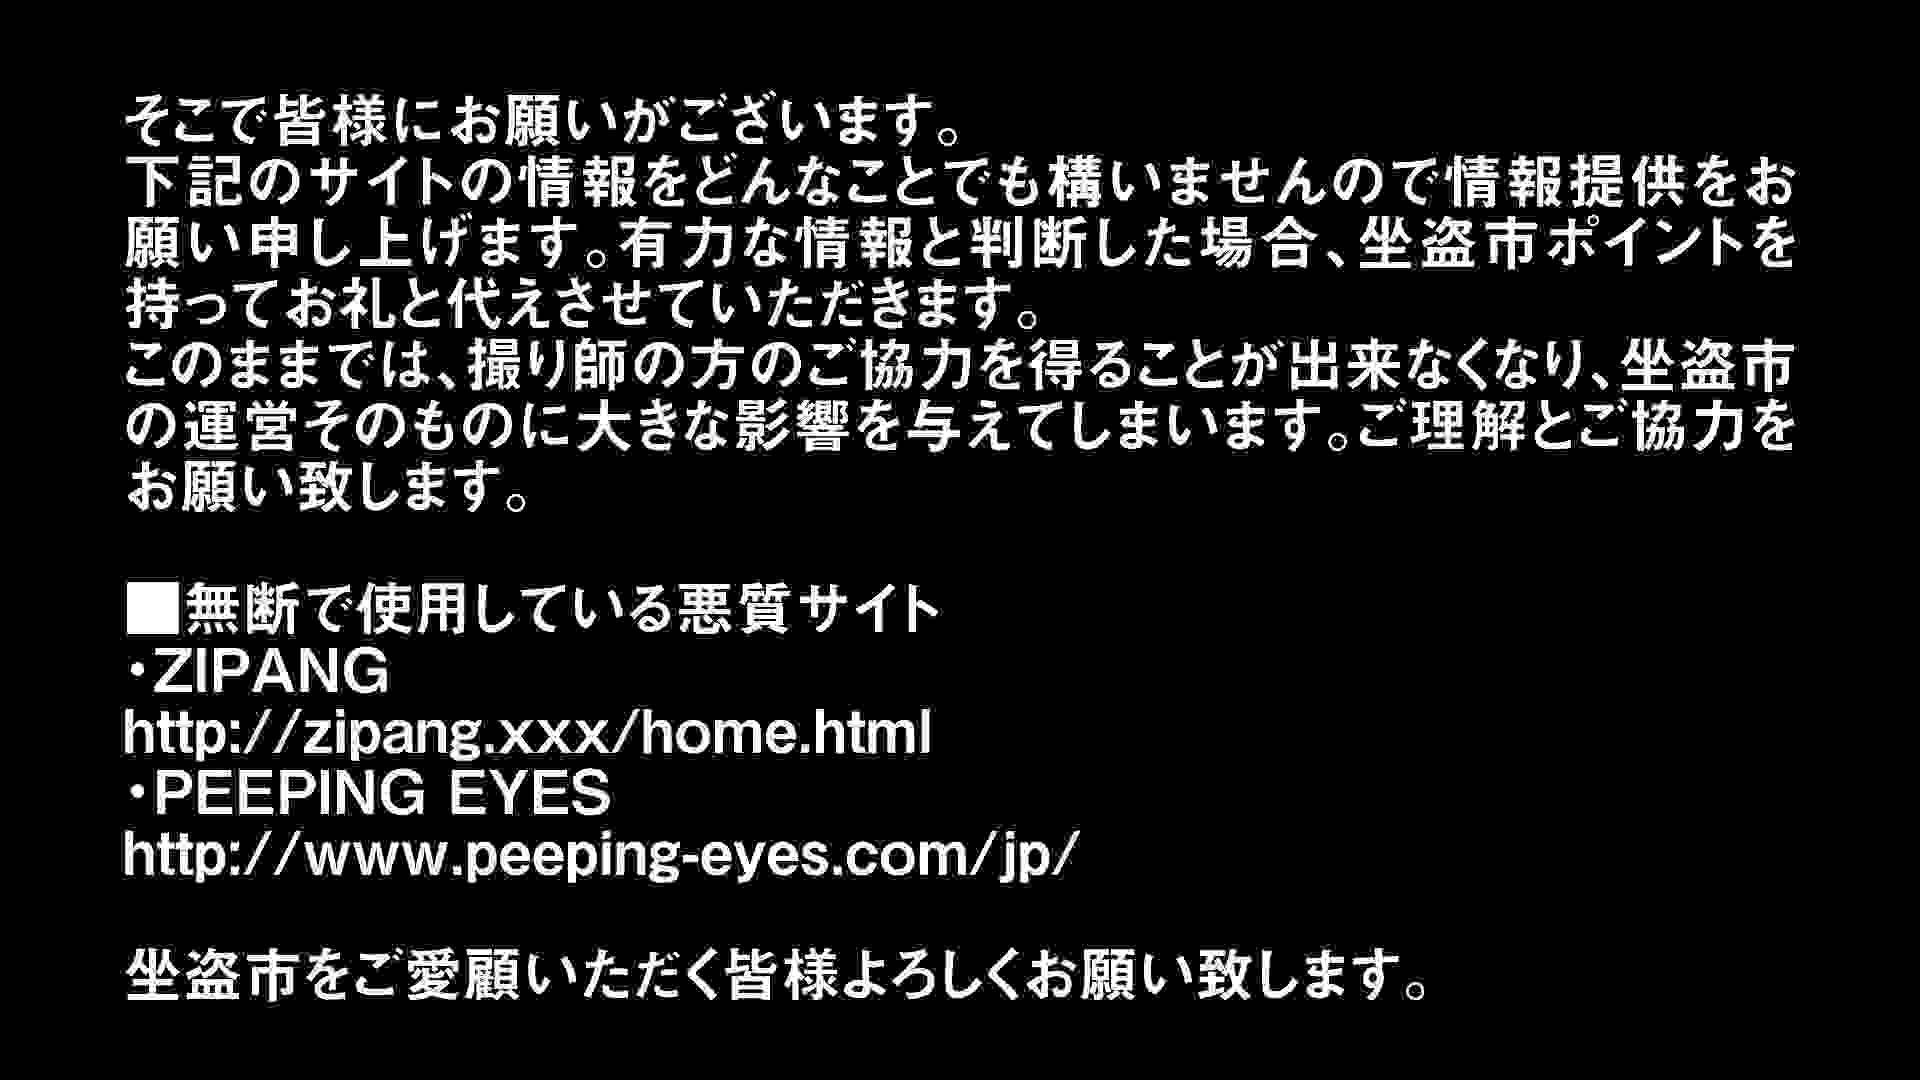 Aquaな露天風呂Vol.300 盗撮シリーズ  110PIX 32